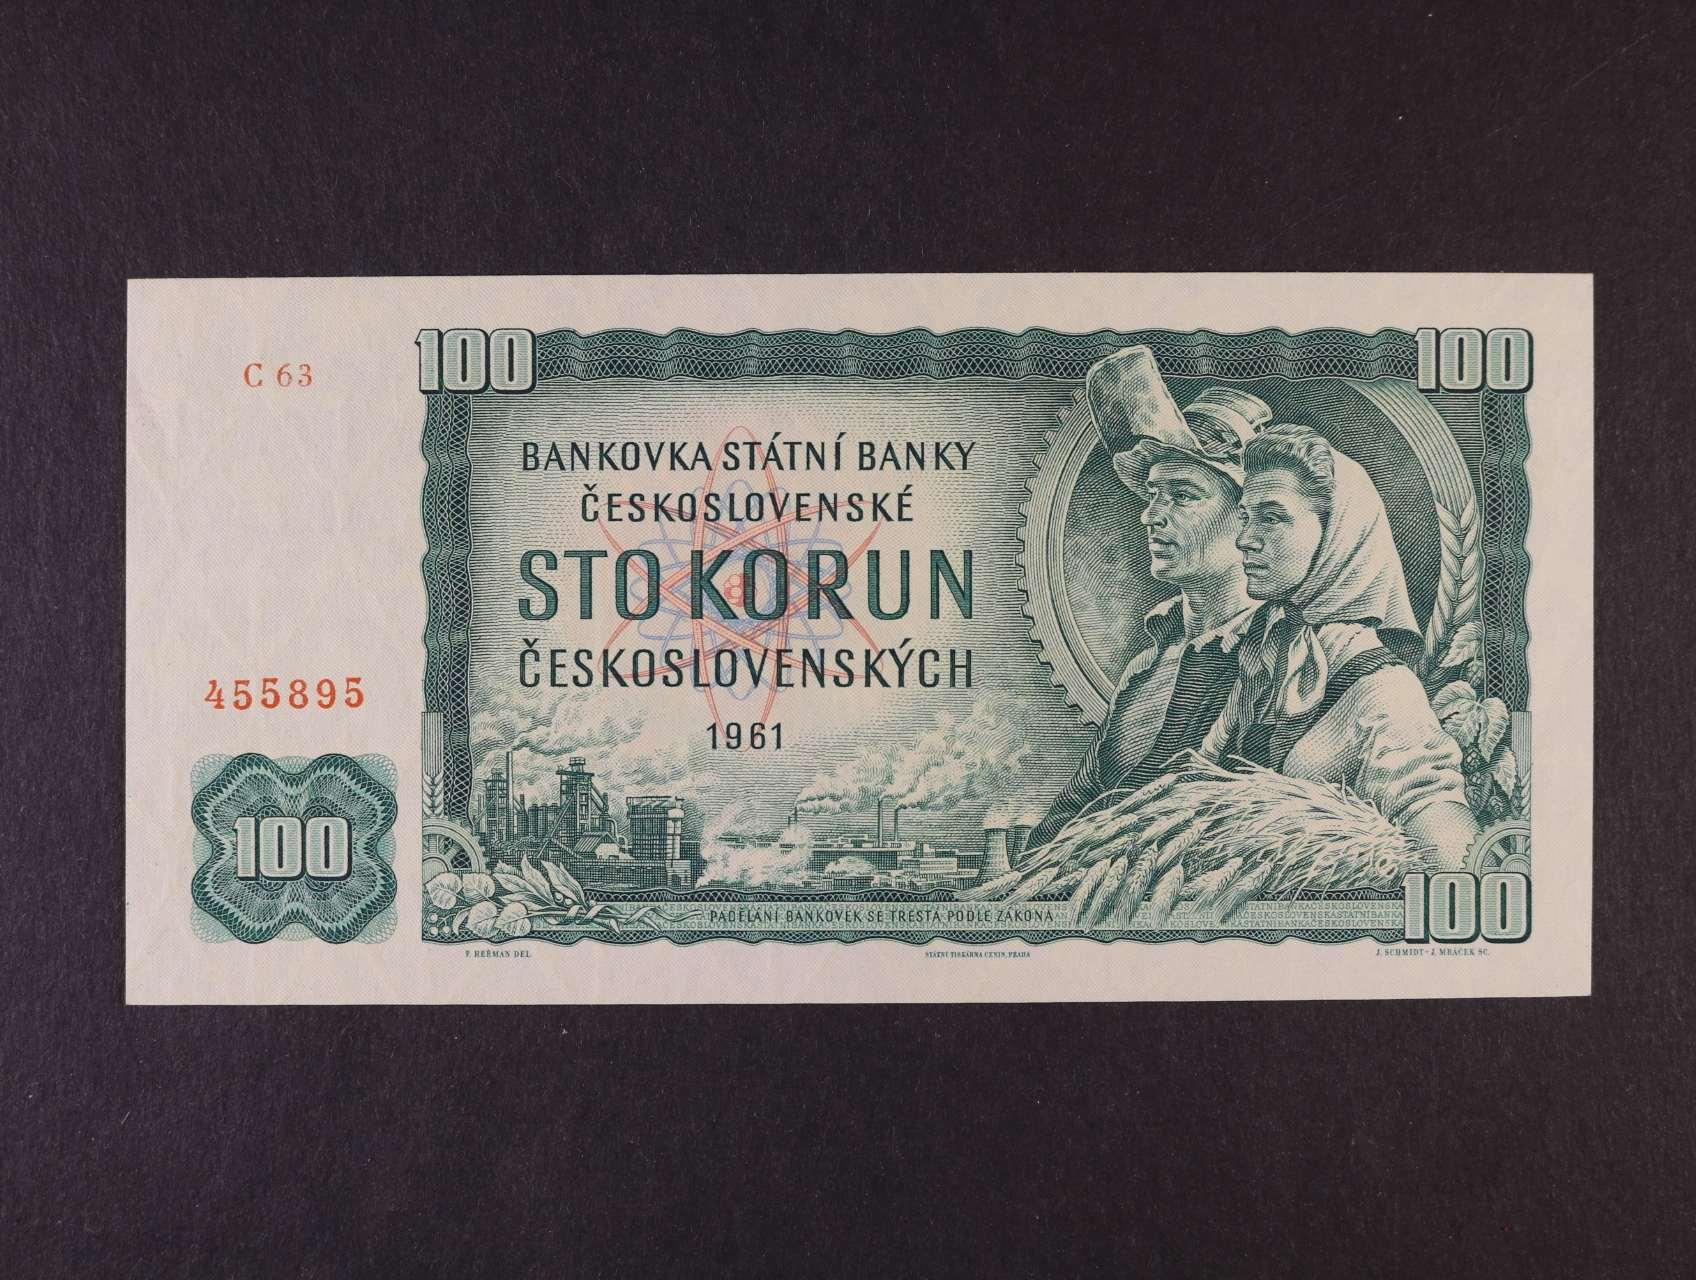 100 Kčs 1961 série C 63, Ba. 98a1, Pi. 91, vodoznaková výztuž na líci bankovky